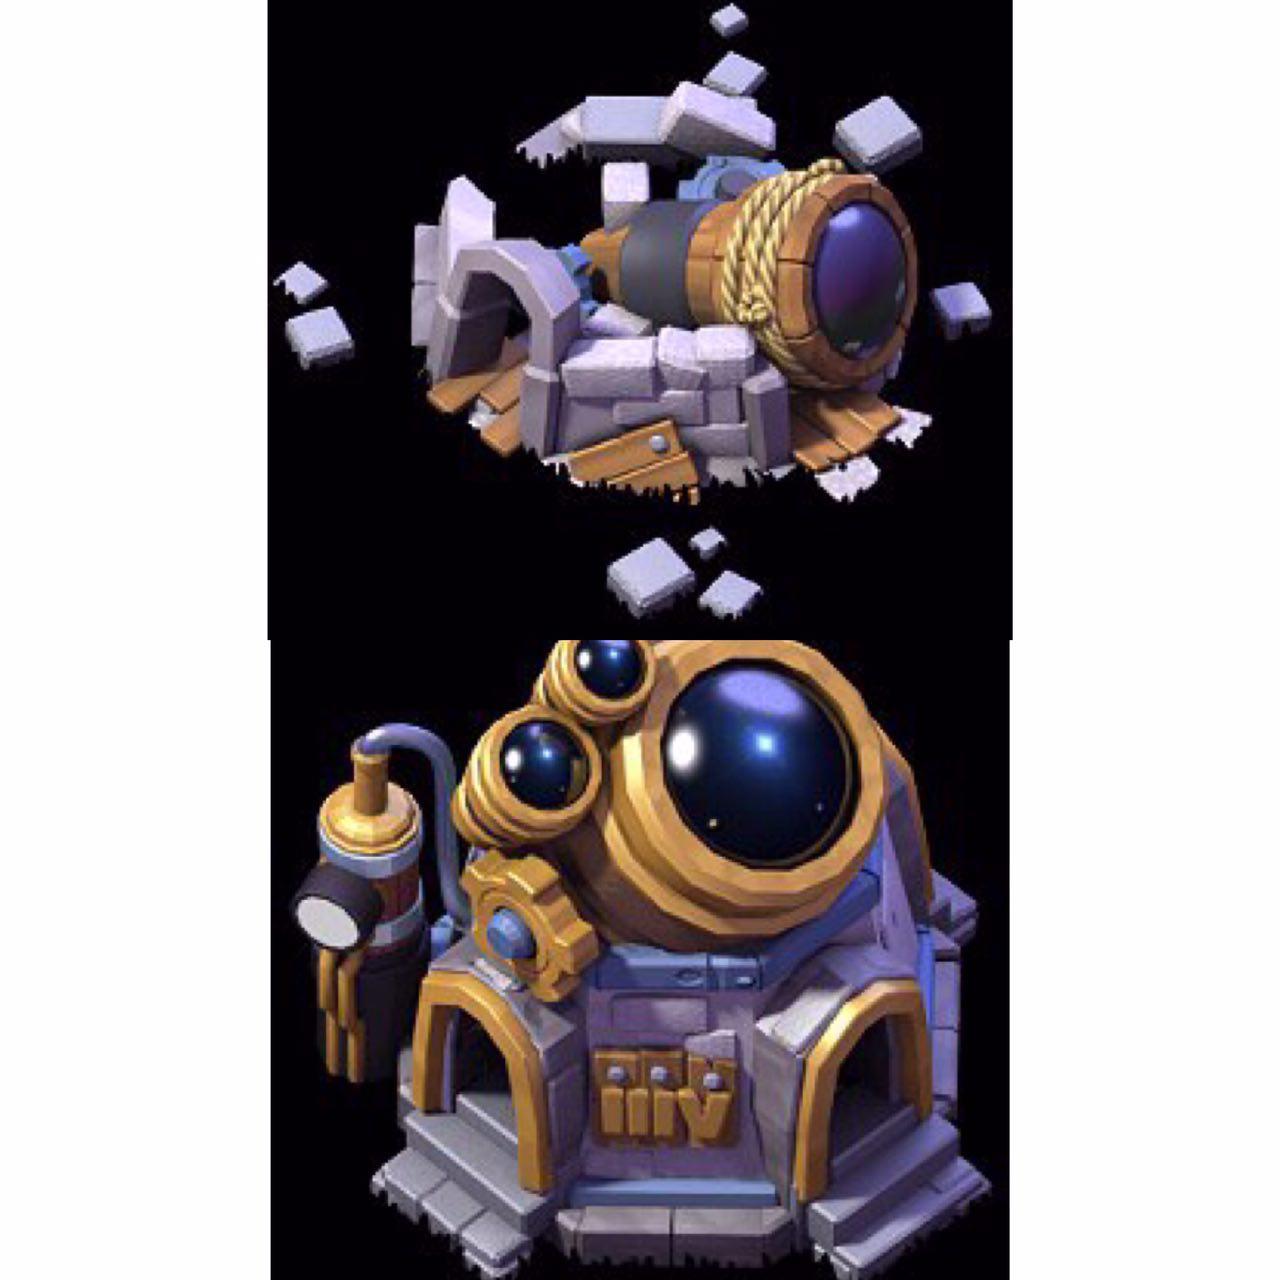 لابراتور لول یک و لاب لول ۸ در ورژن جدید بازی.